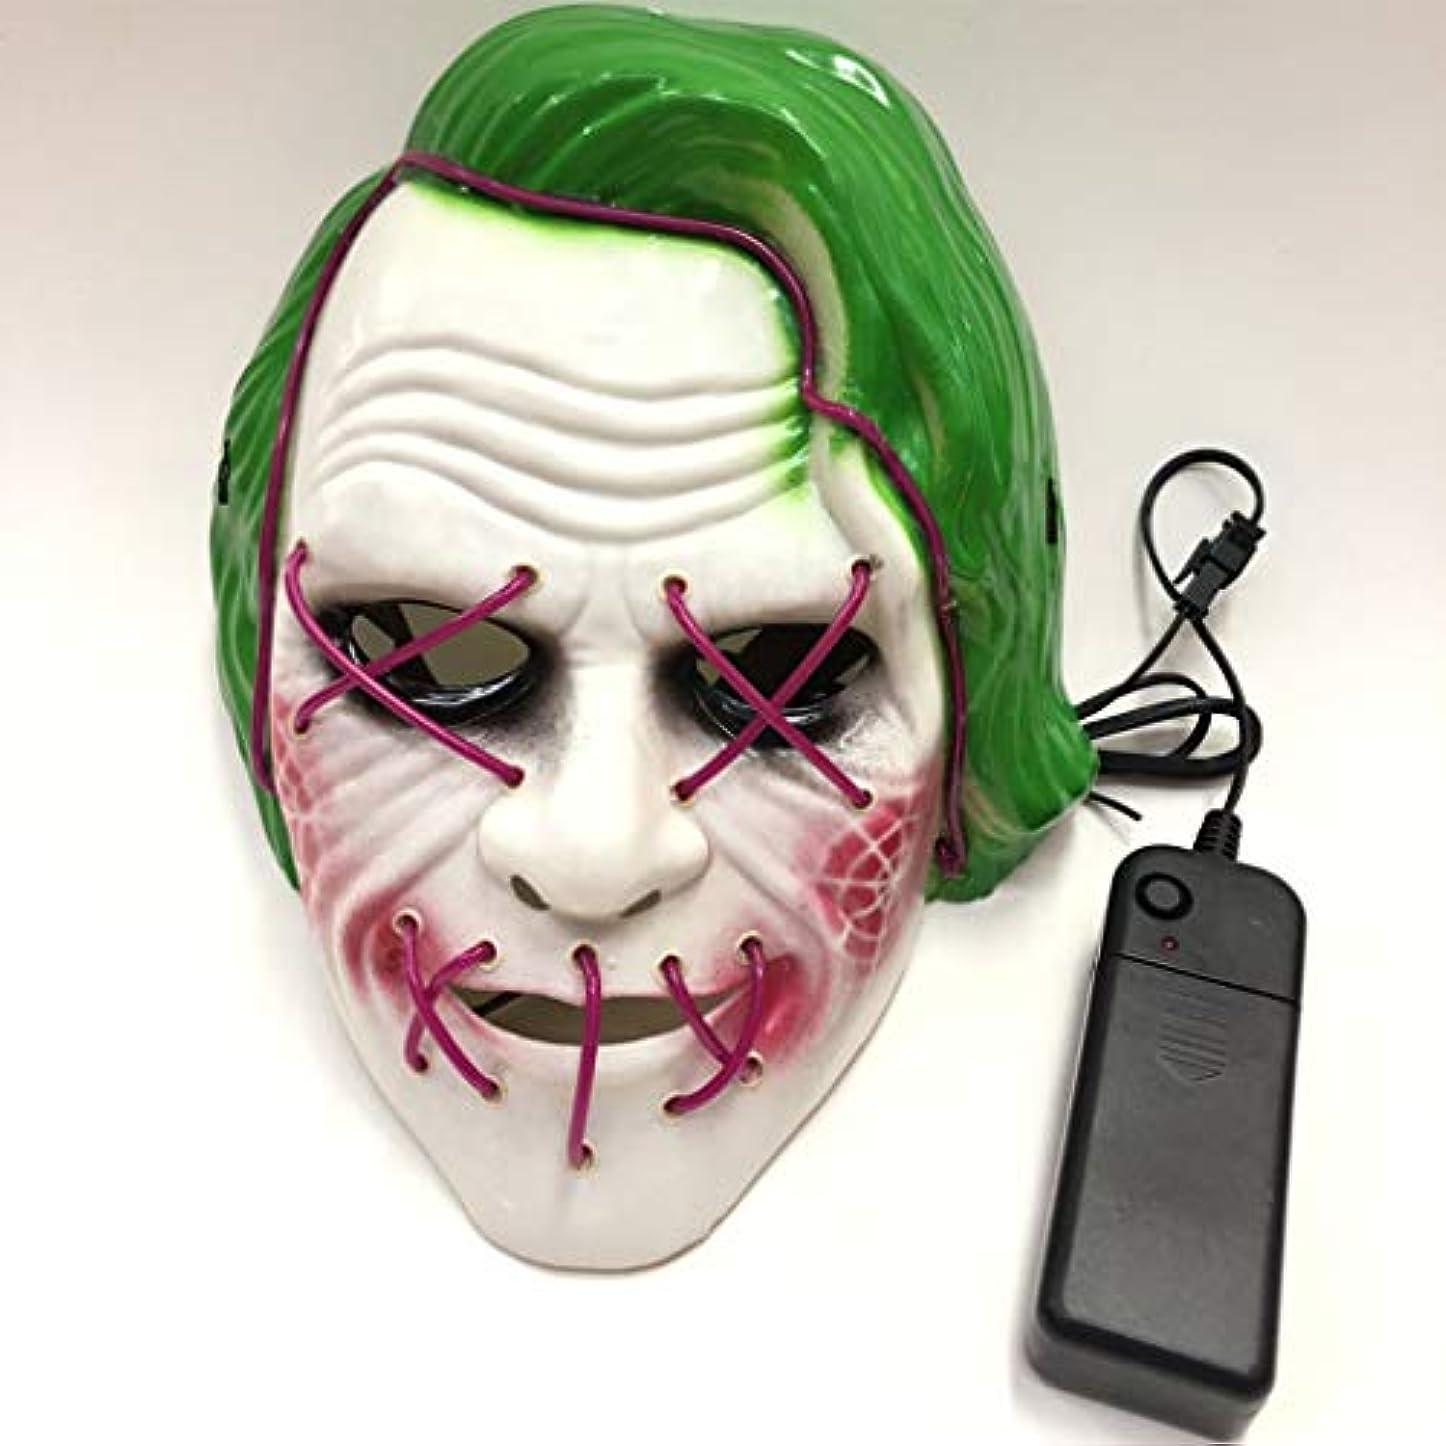 色合い属する約束するLEDハロウィーンマスクライトアップマスクグローイングマスク、ハロウィーンコスプレ、ブルー